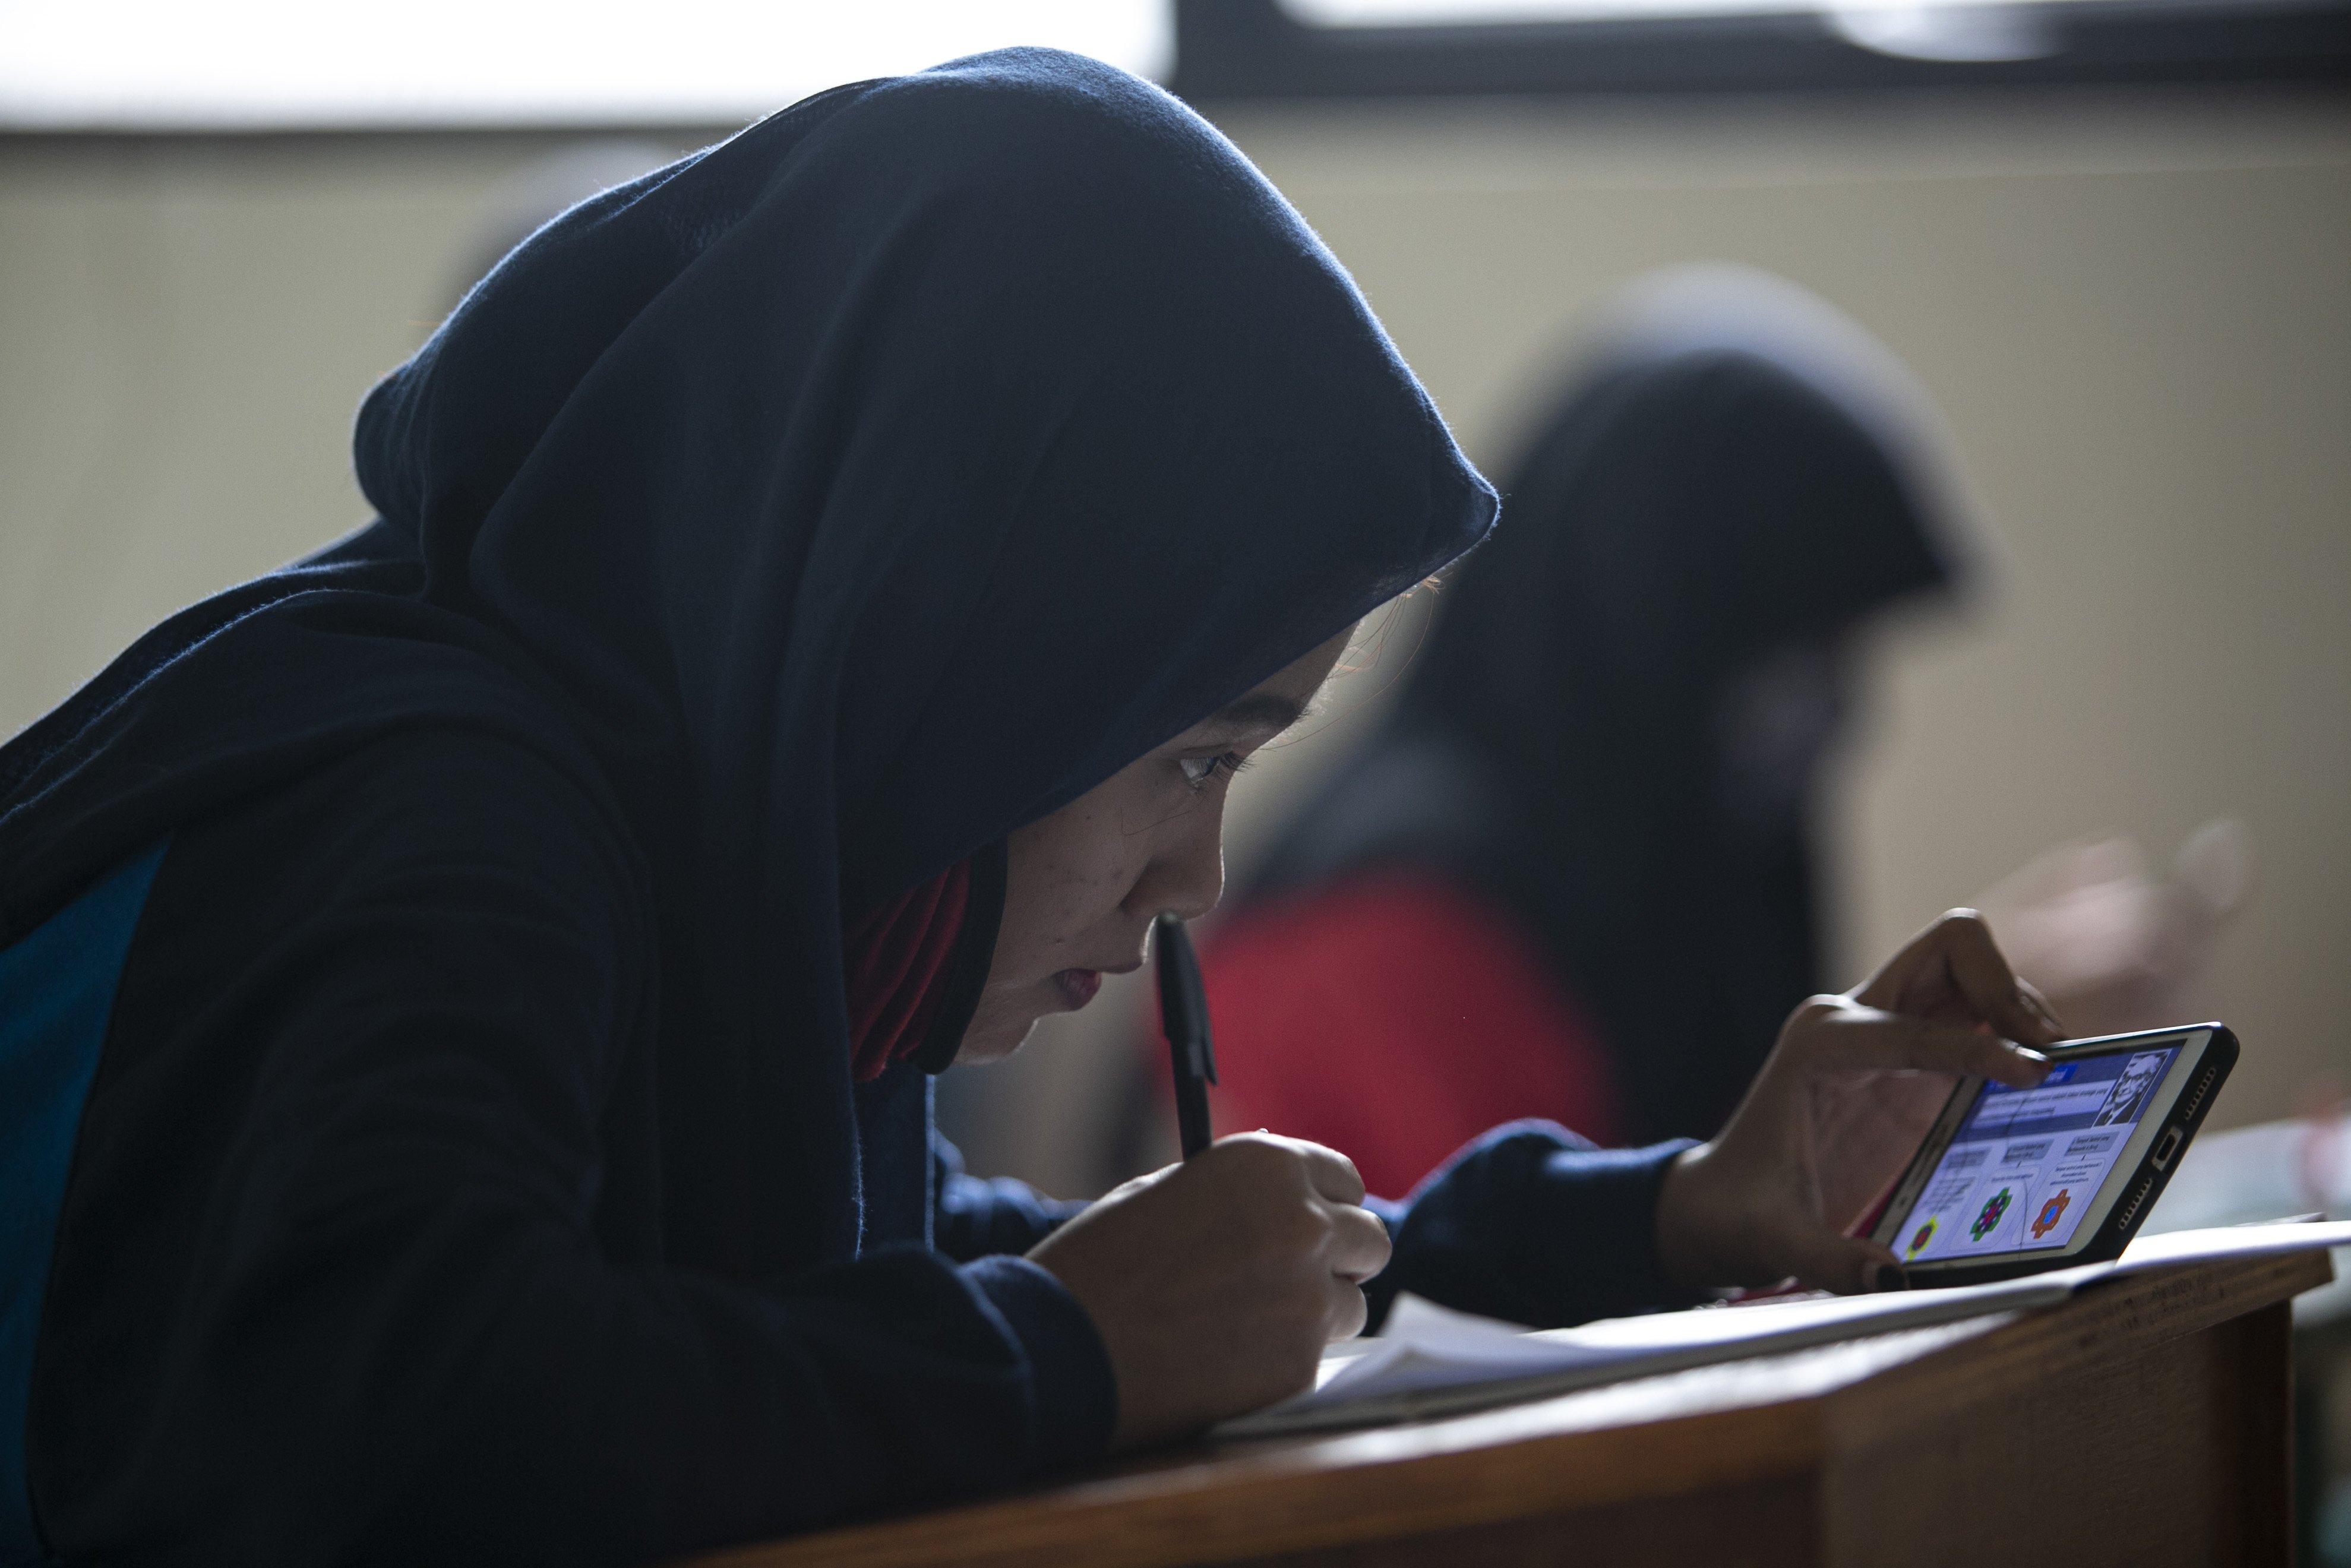 Sejumlah siswa mengikuti belajar secara daring di Kelurahan Jatirahayu, Bekasi, Jawa Barat, Selasa (4/8/2020). Kelurahan tersebut menyediakan fasilitas WiFi untuk siswa-siswi sekolah yang terkendala sistem belajar secara daring.